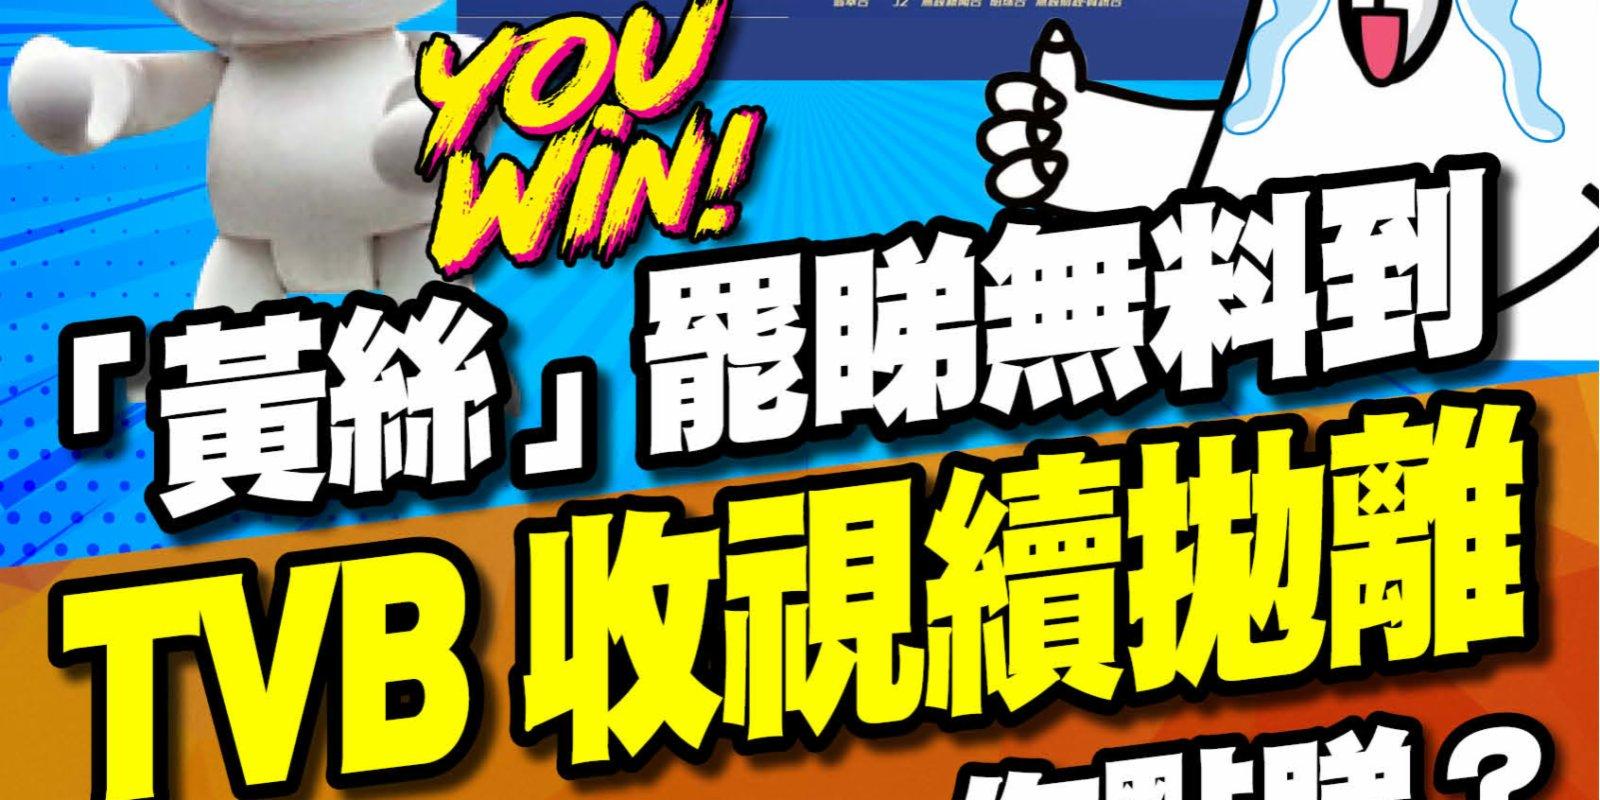 「黃絲」罷睇無料到 TVB收視續拋離 你點睇?